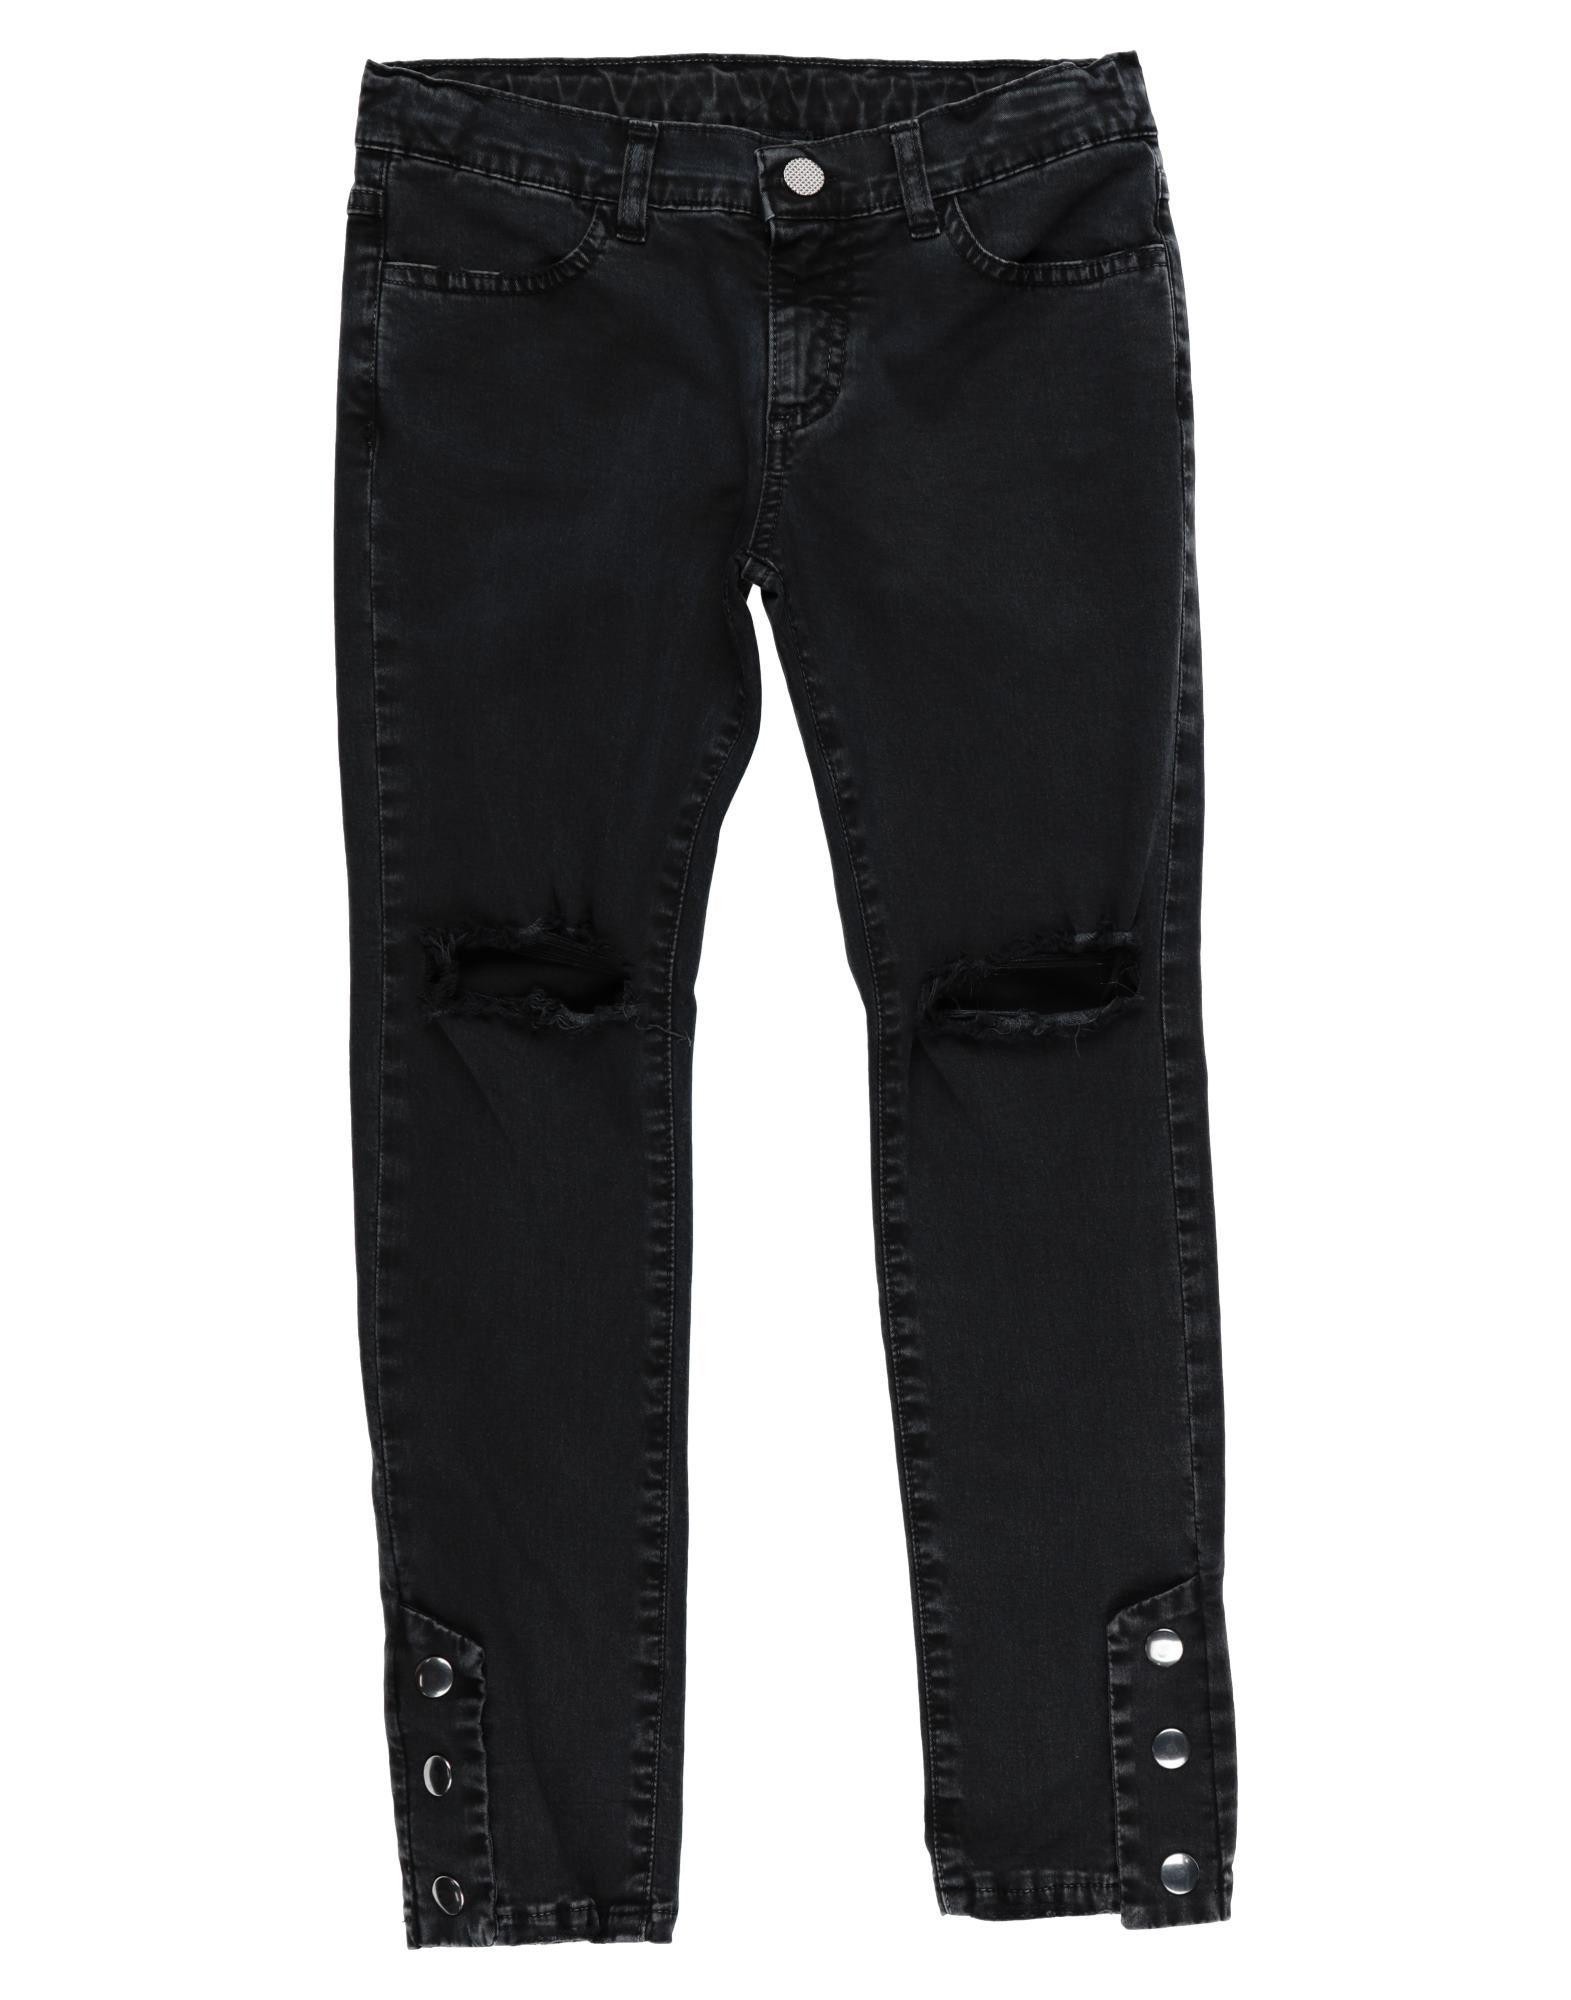 Naïce Kids' Jeans In Black